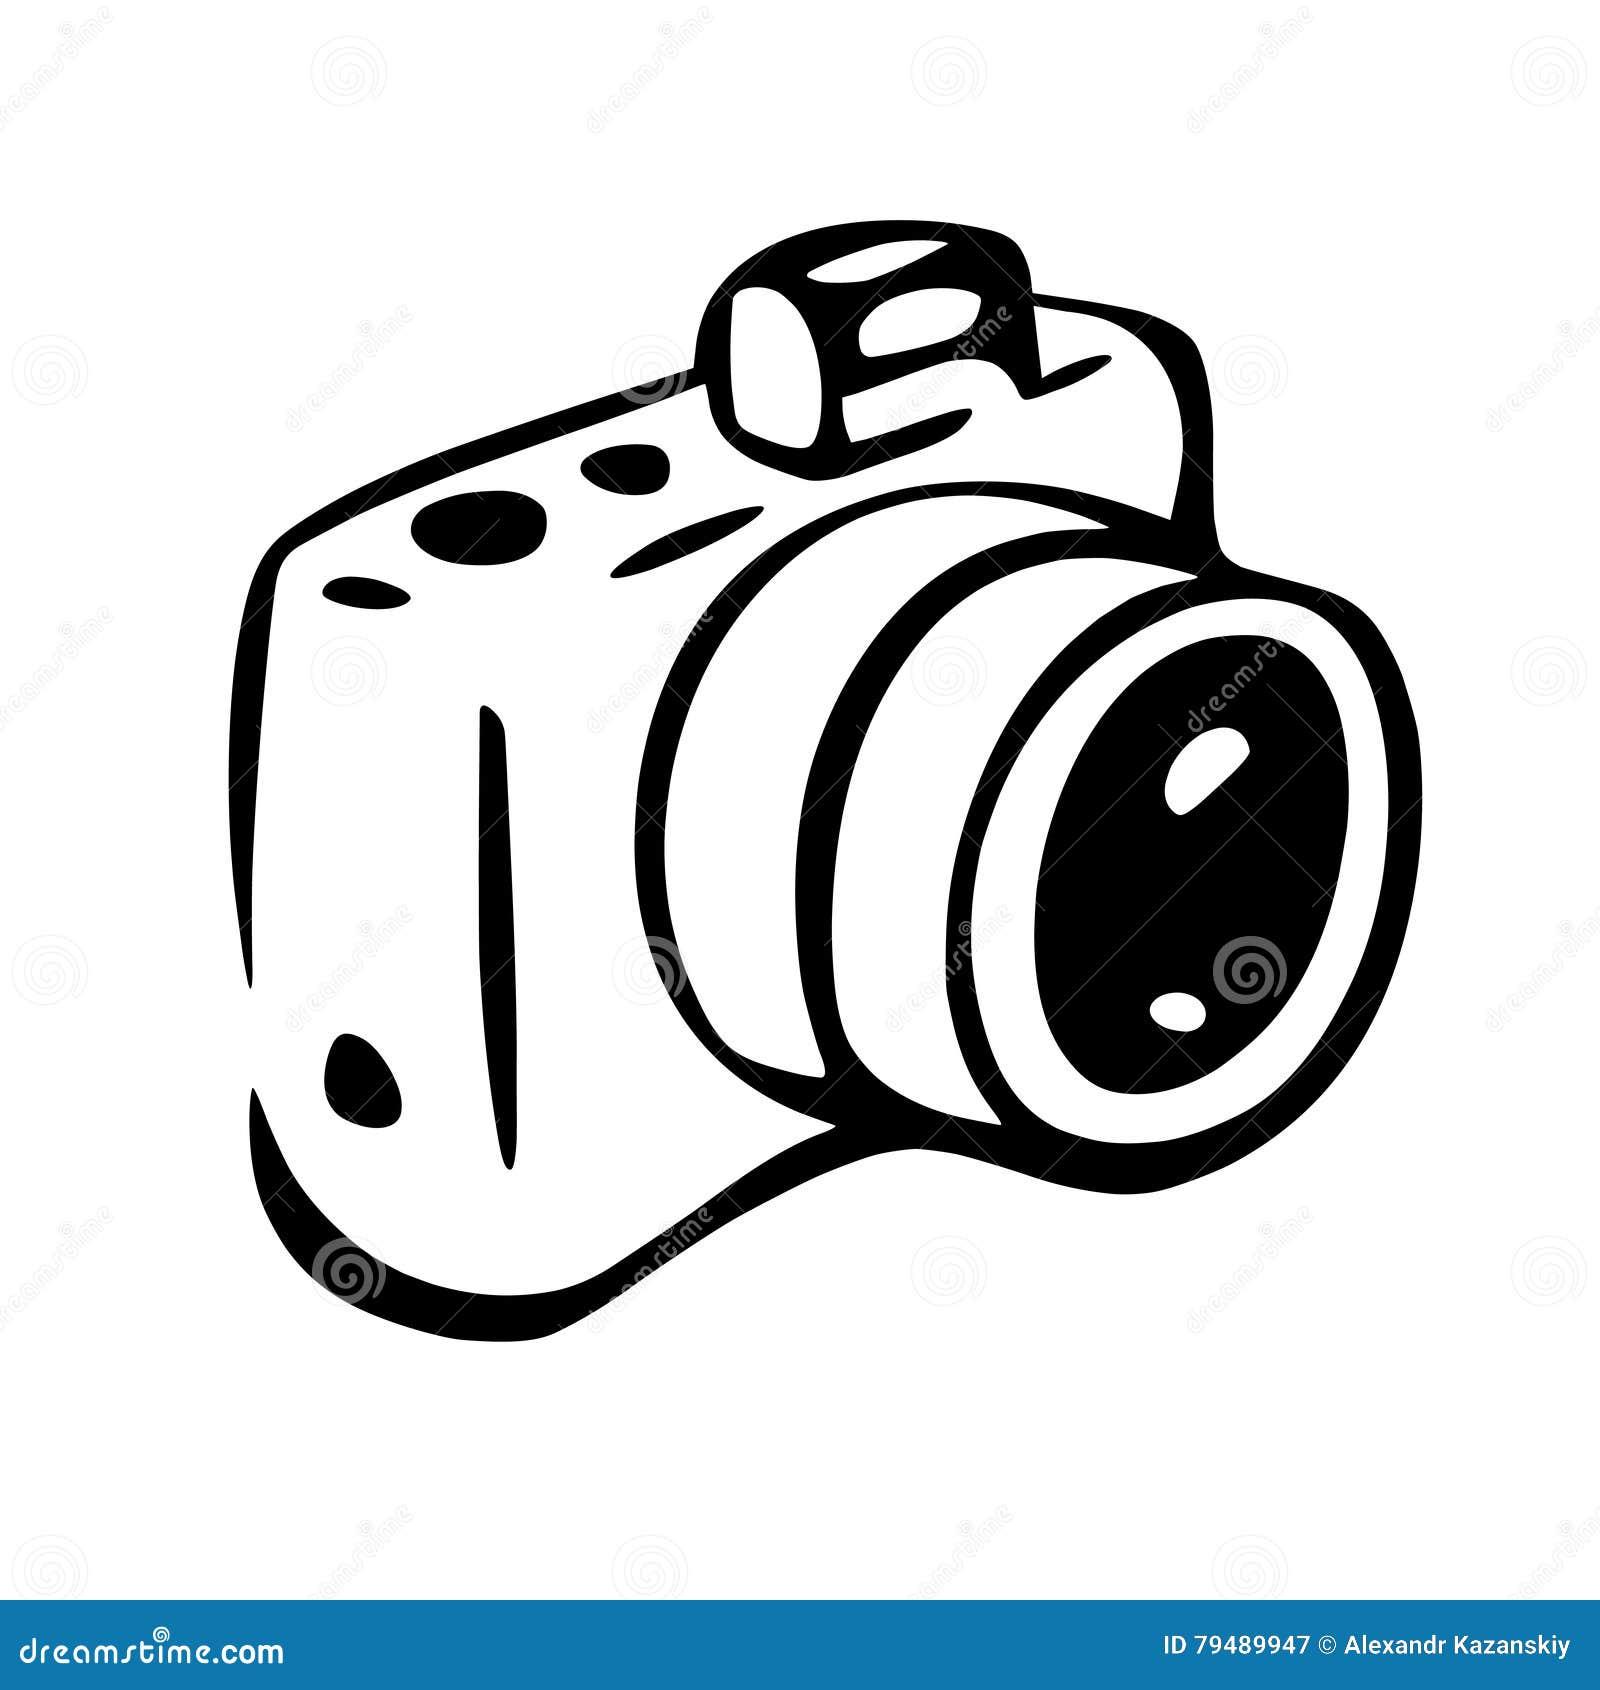 clipart appareil photo - photo #45